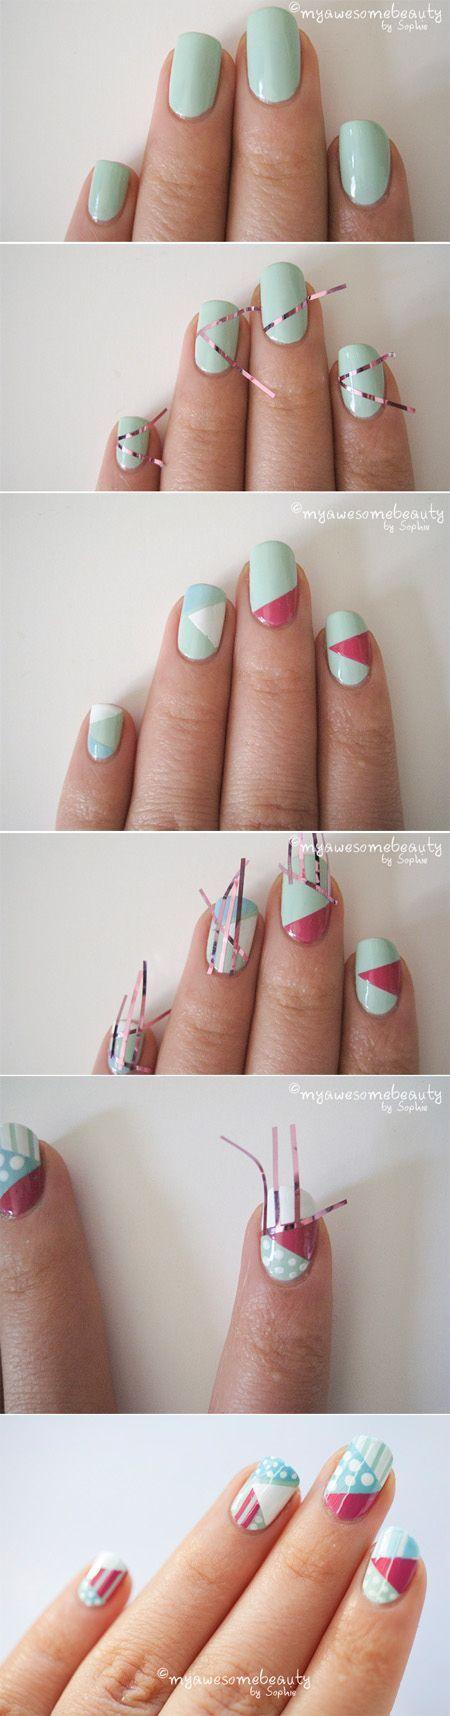 Si alguna vez te preguntaste como lograr un arte de uñas perfectamente geométrico, piensa en tiritas de cinta scotch - Estos tutoriales visuales y sencillos te muestran como hacerlos.